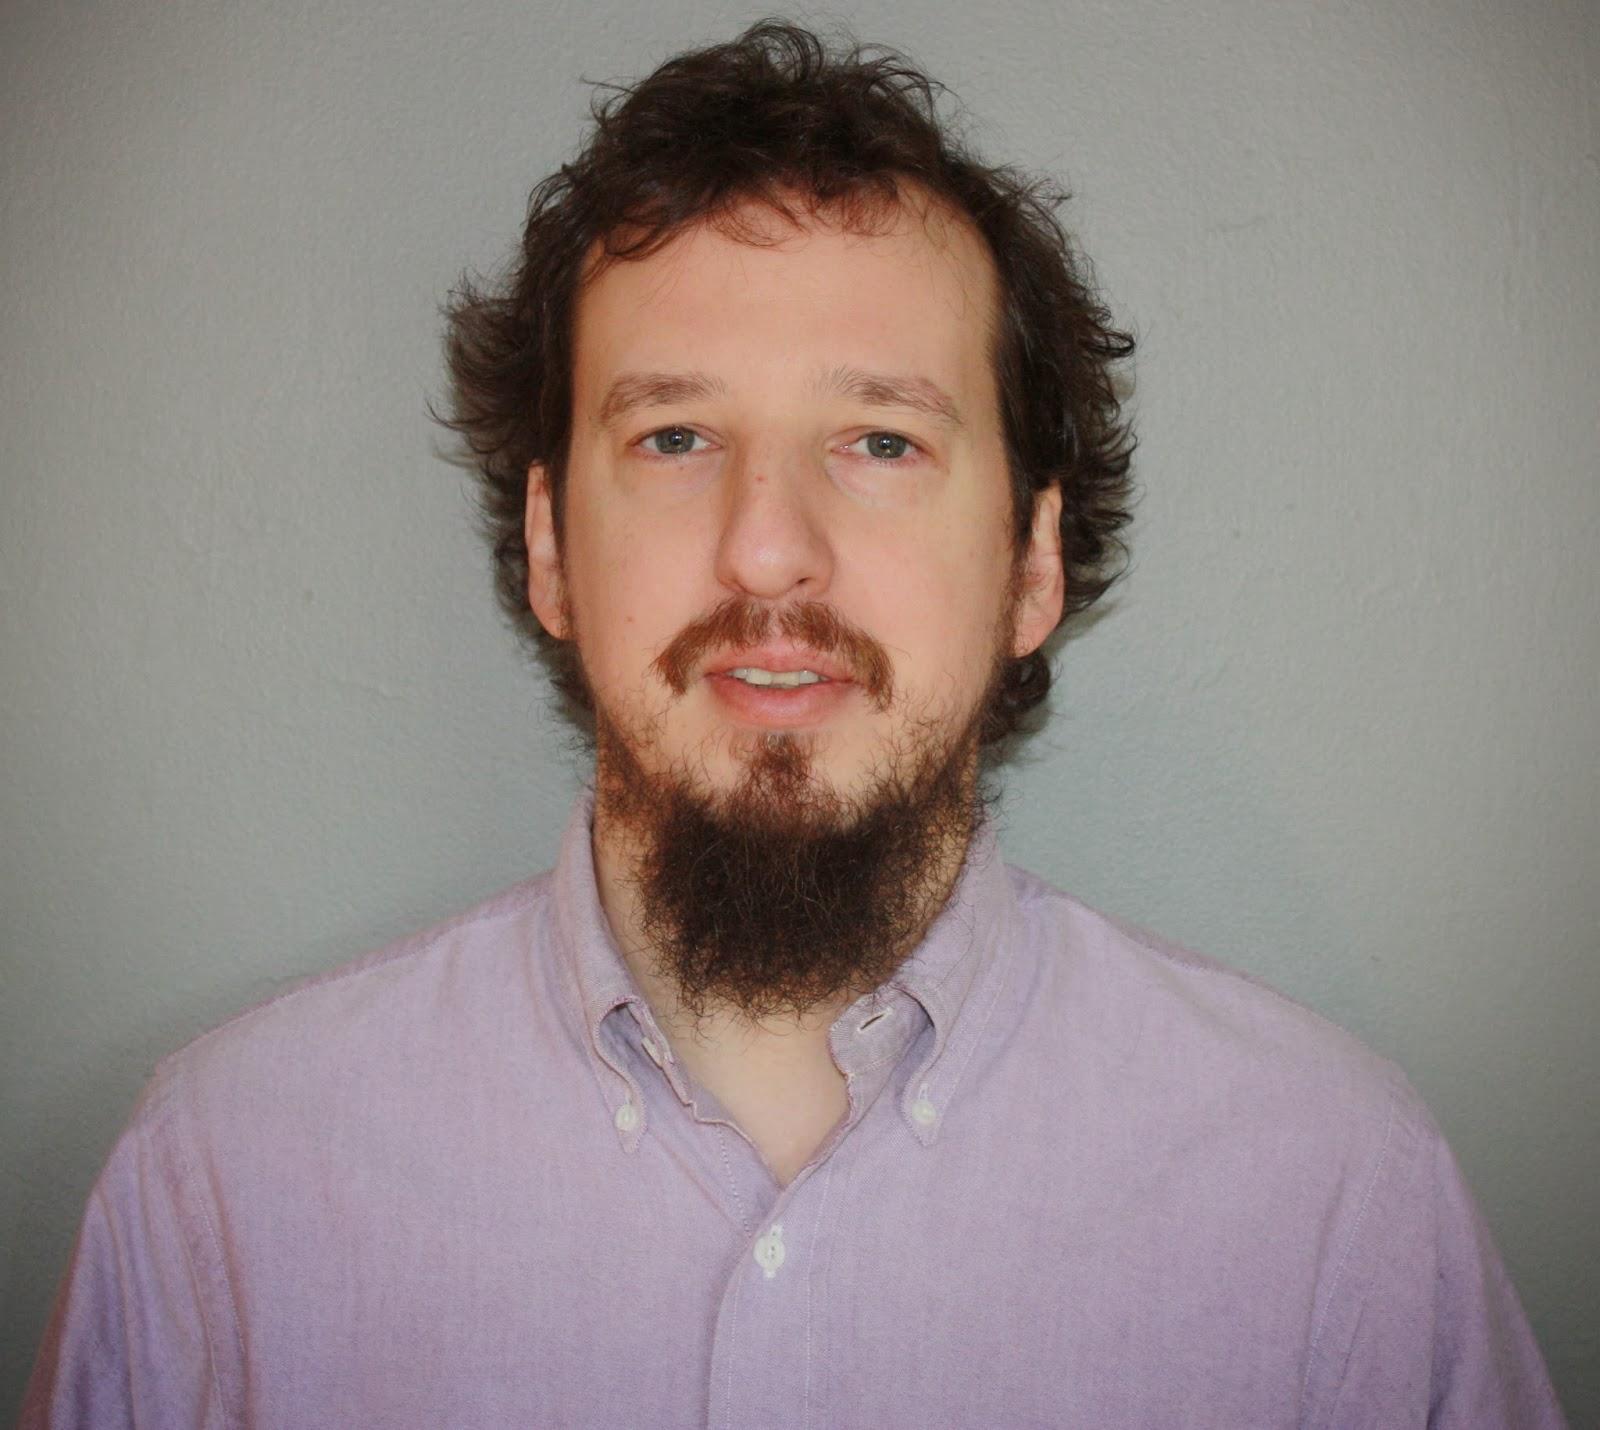 Jesse Glick